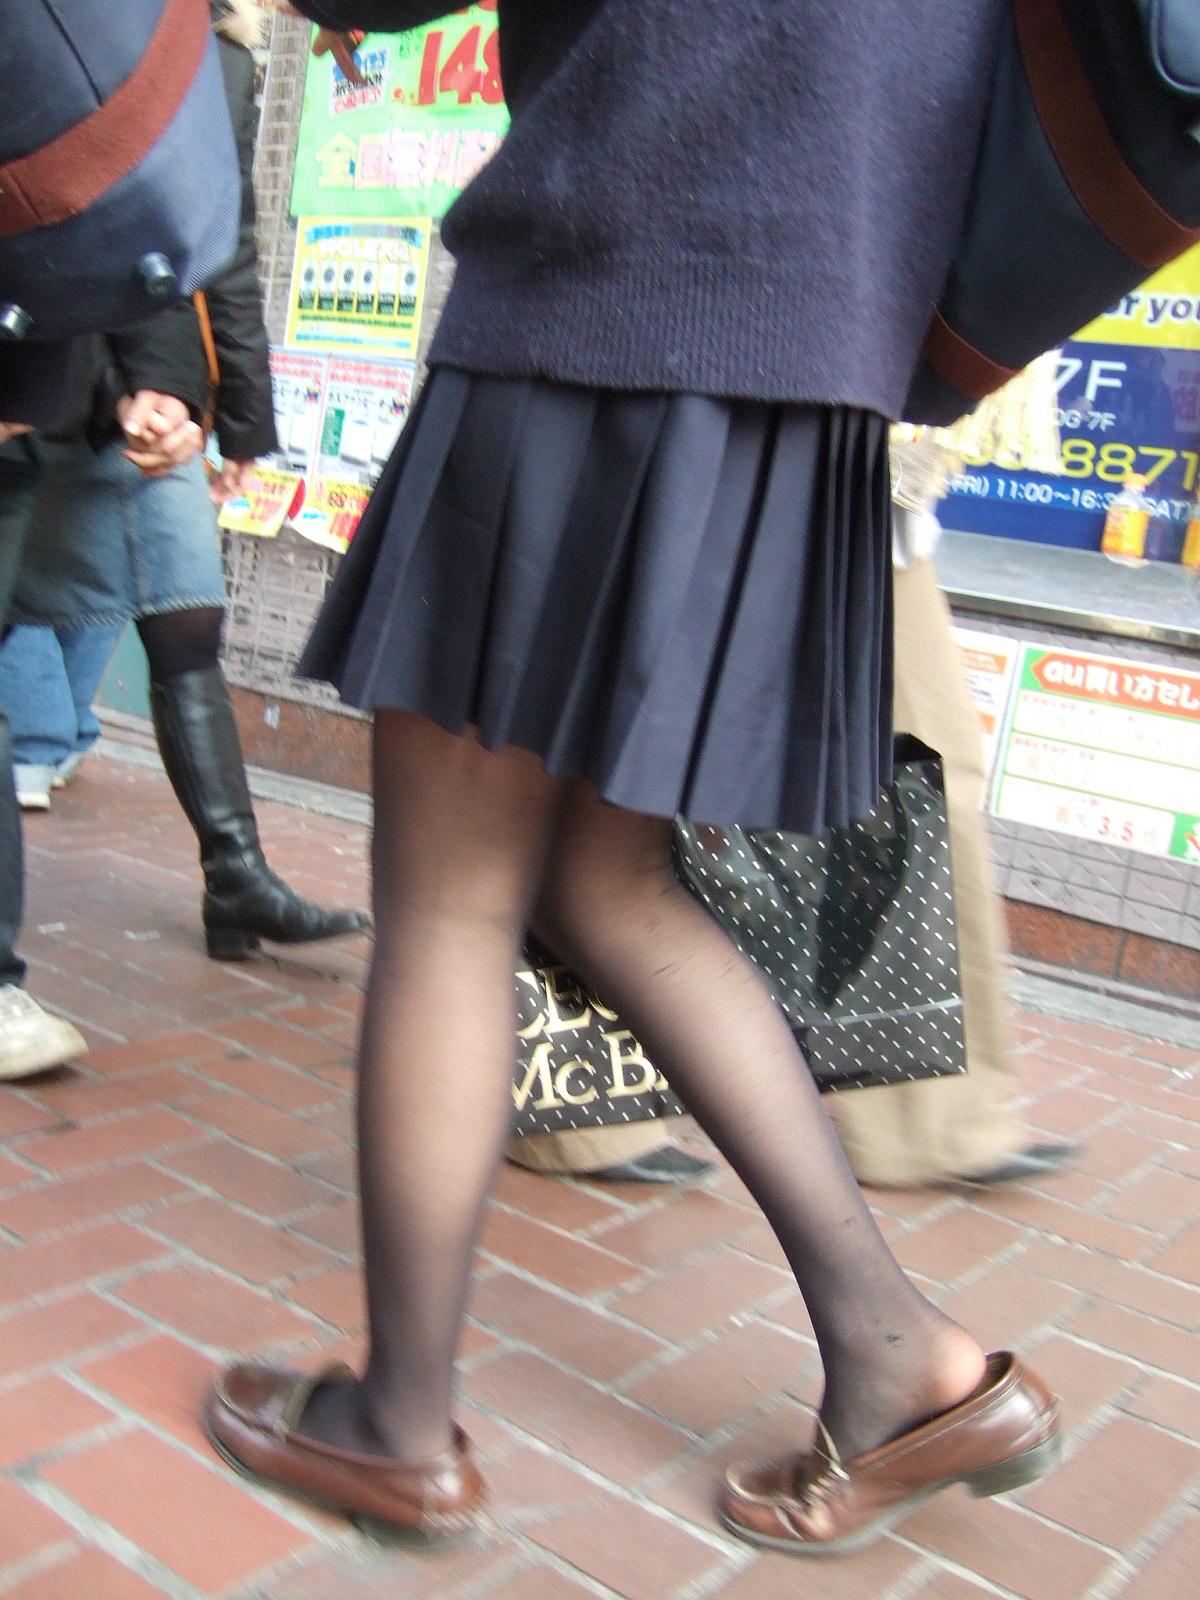 【JK街撮り】生脚透けさせてるのがたまらないwww黒スト着用JK画像 07